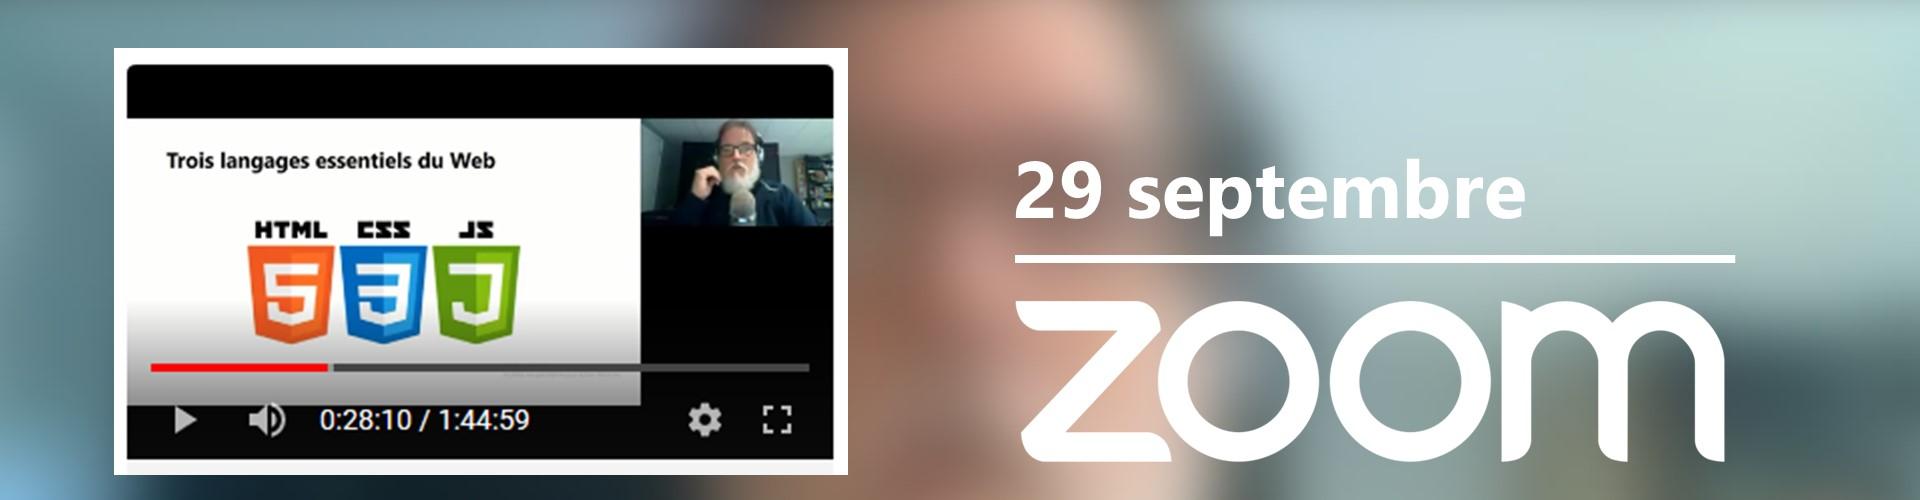 Rencontre du 29 septembre sur Zoom